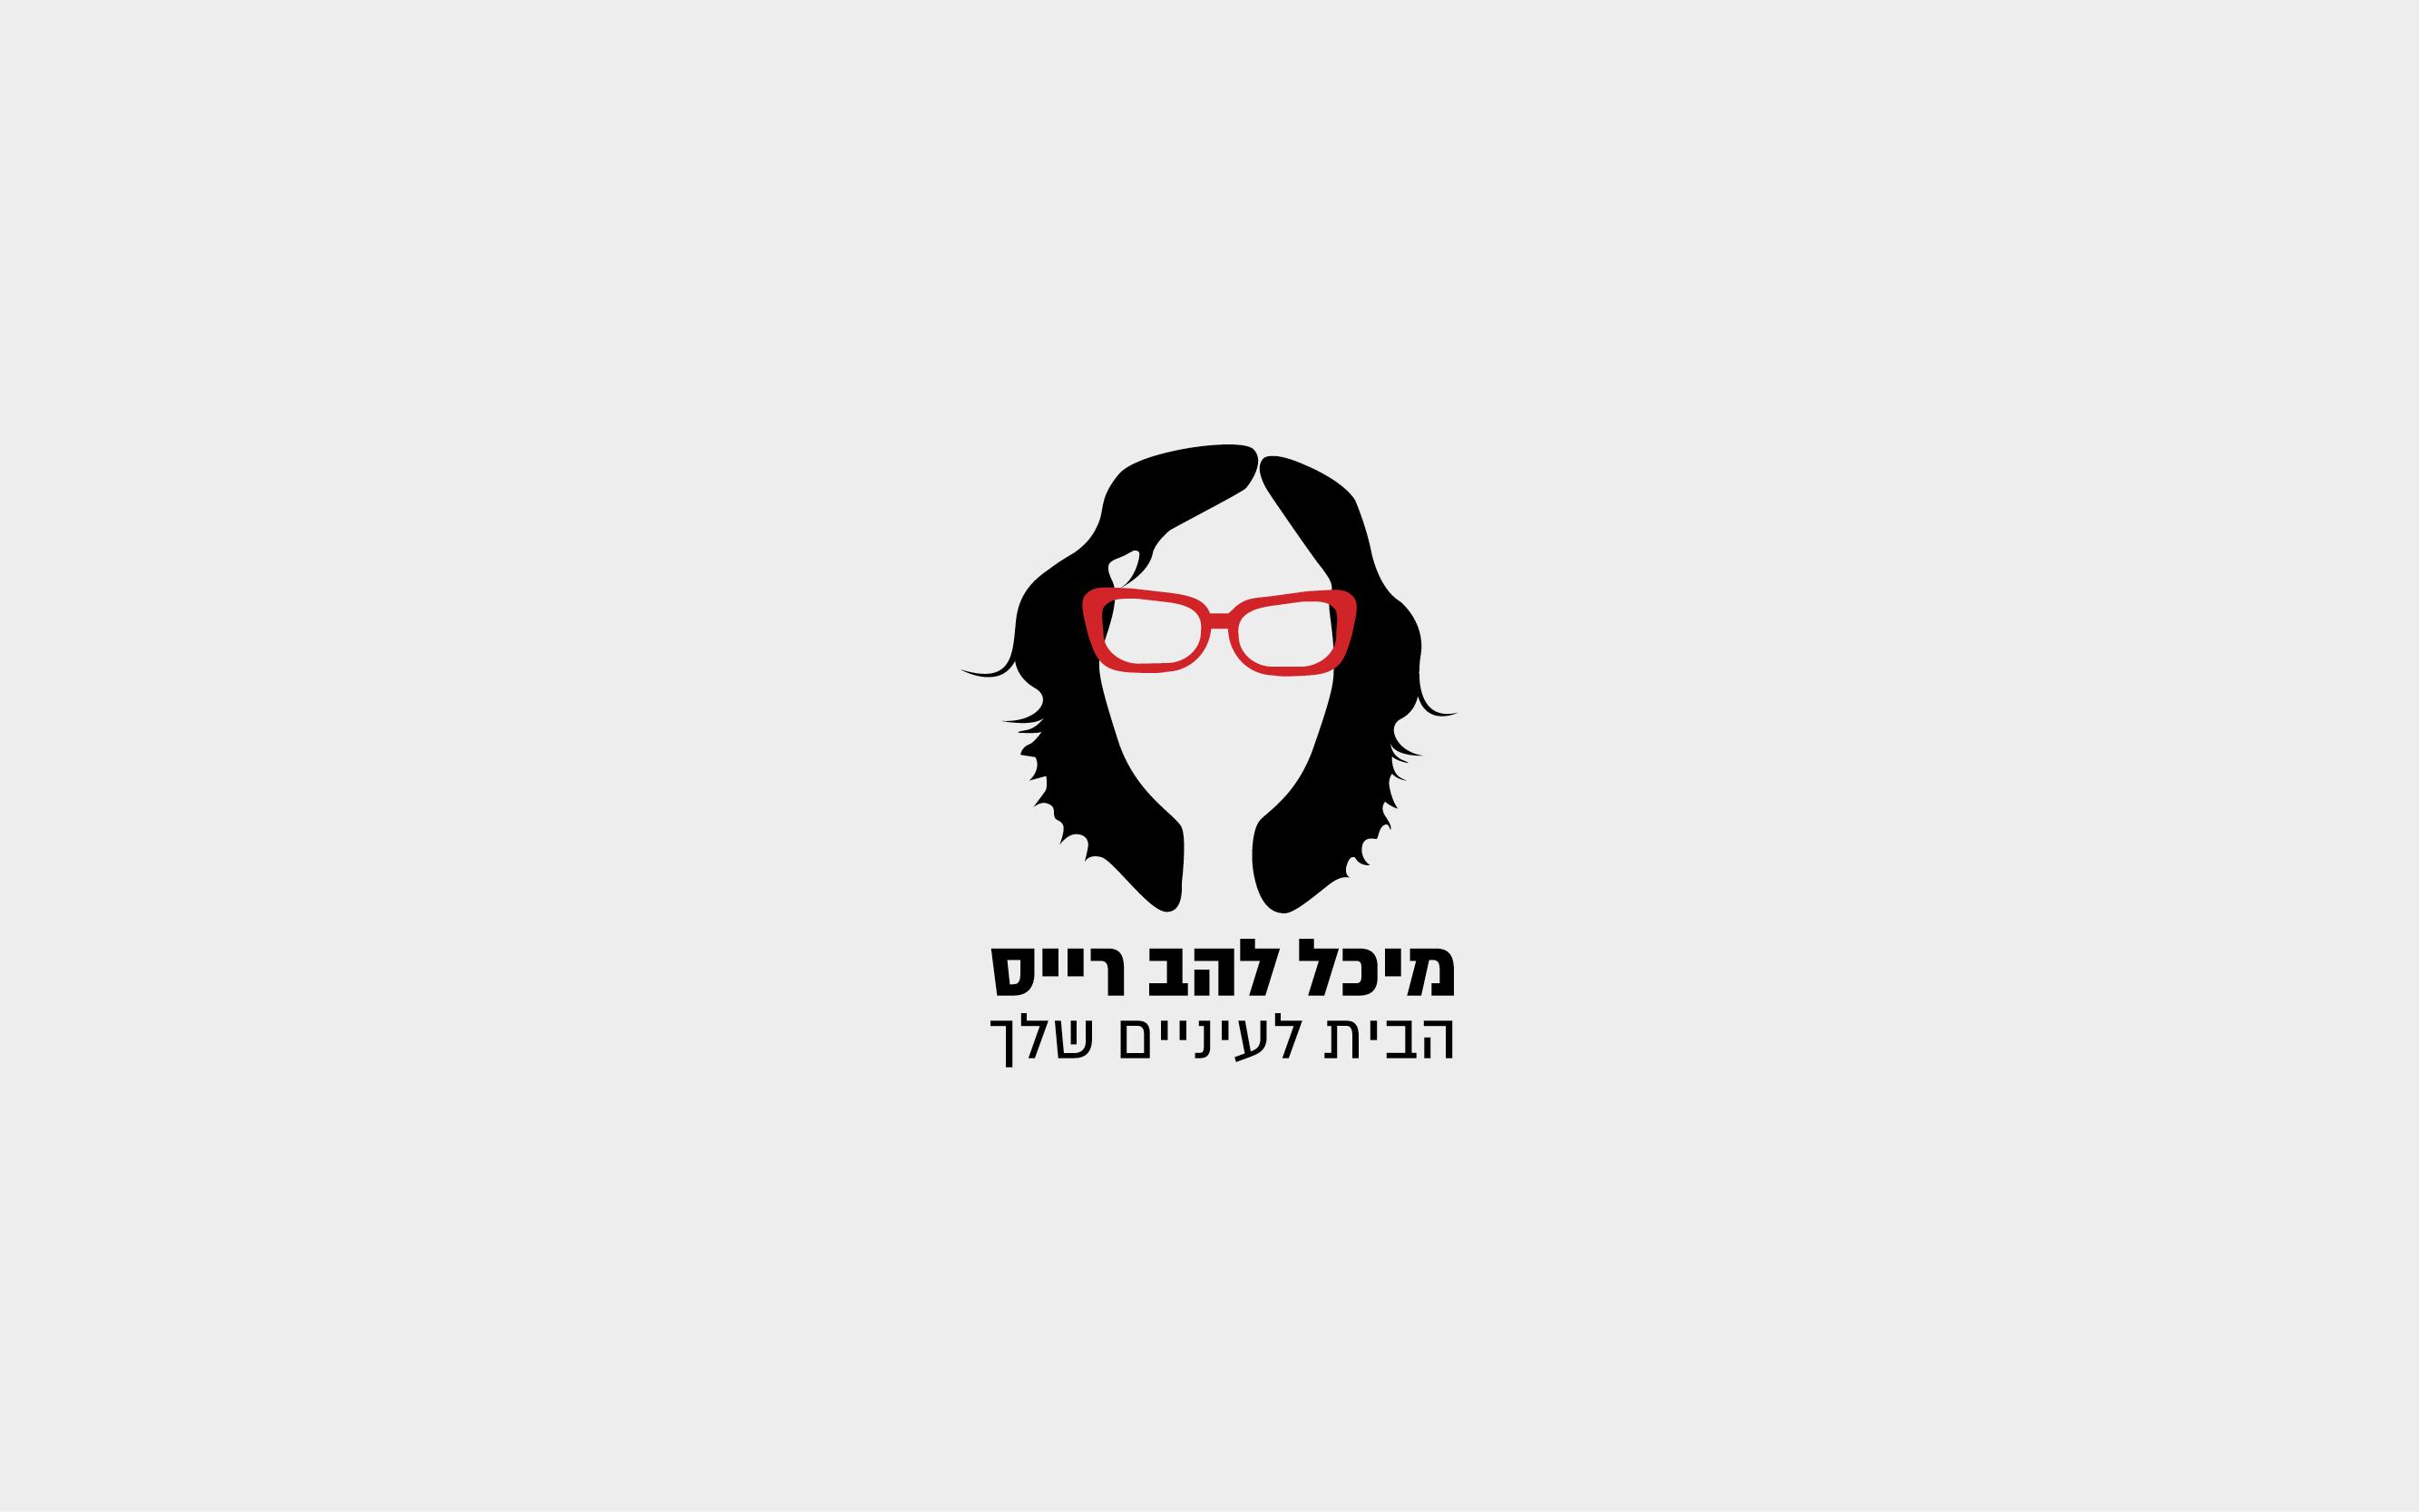 מיכל להב רייס - עיצוב לוגו